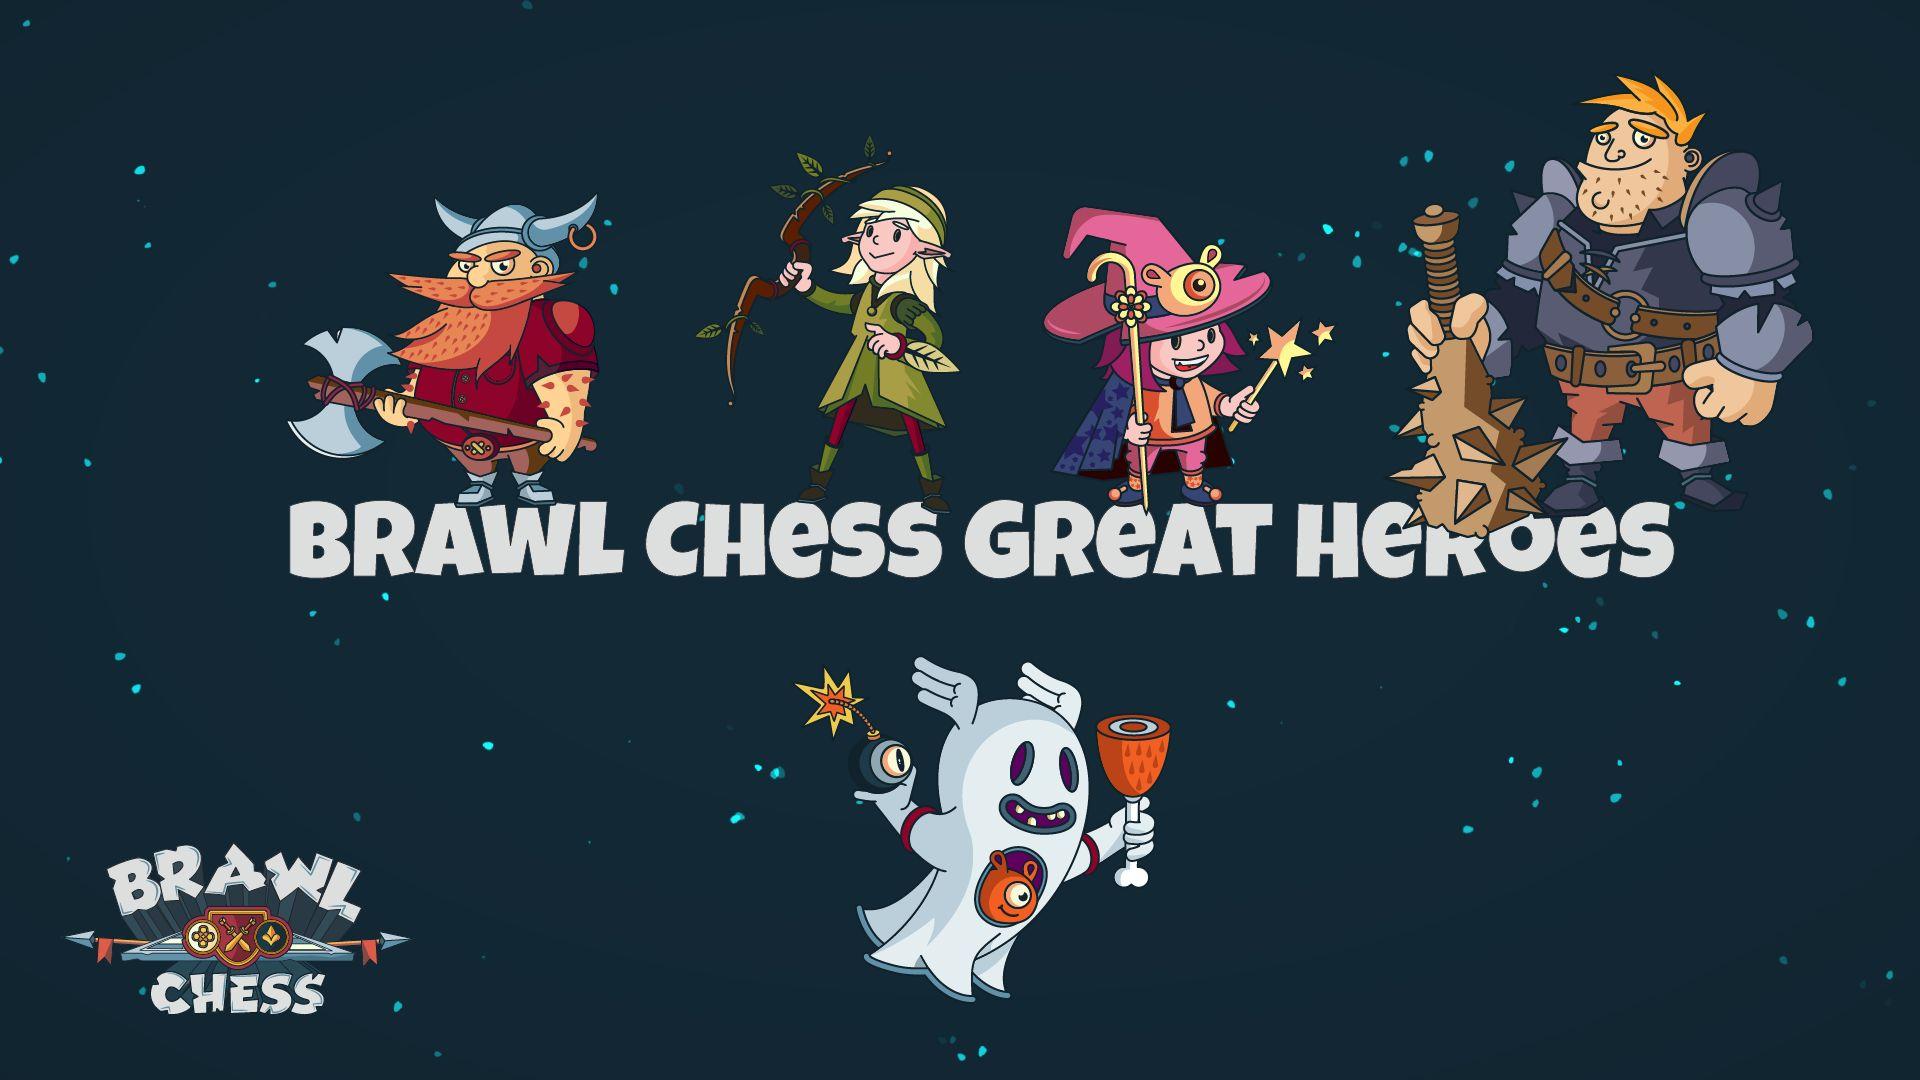 brawl chess great heroes hero